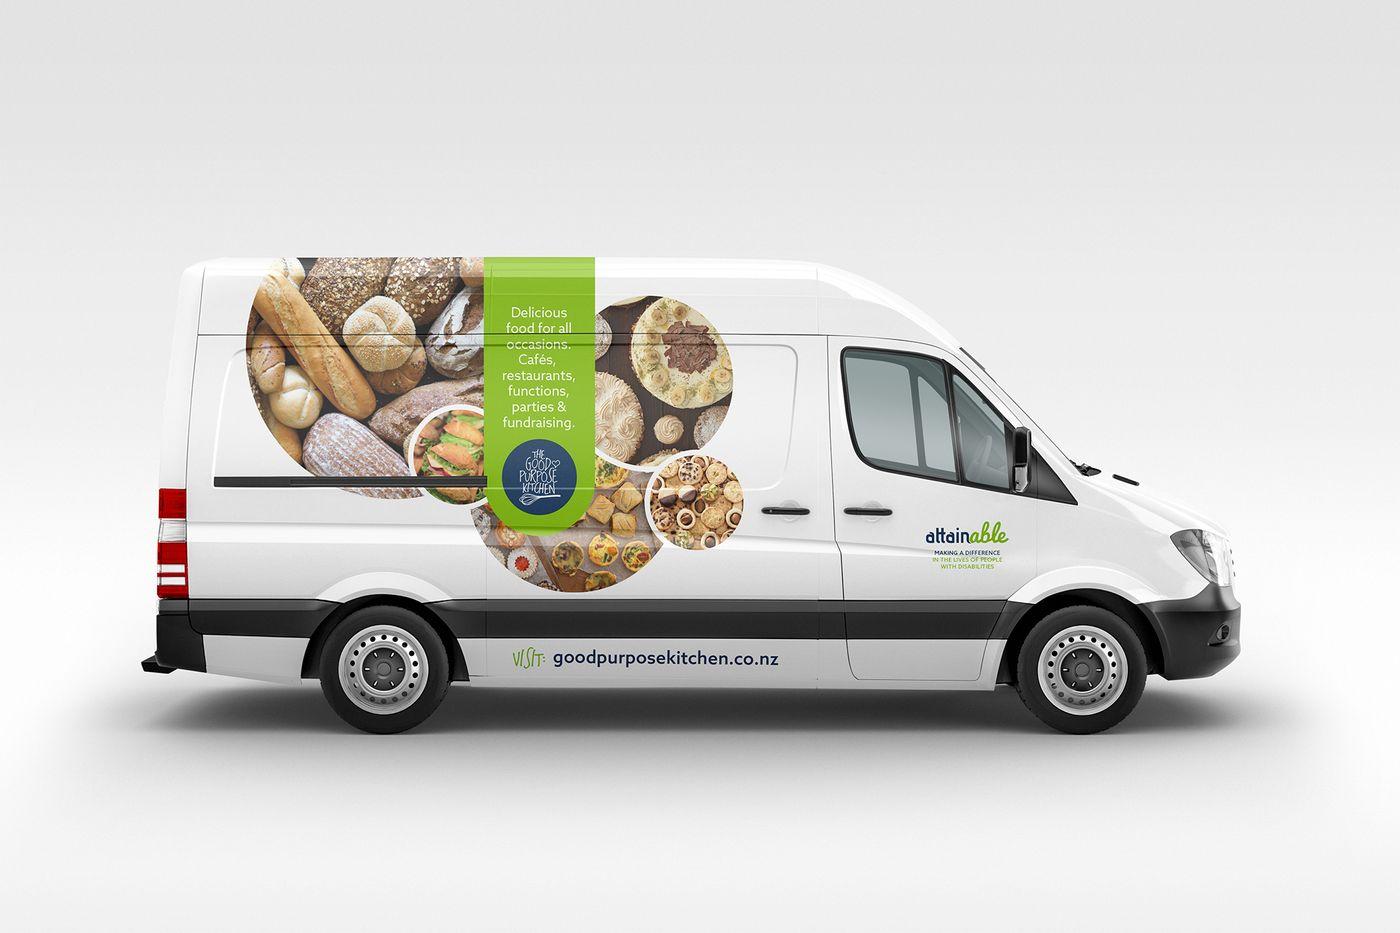 Attainable Kitchen Van